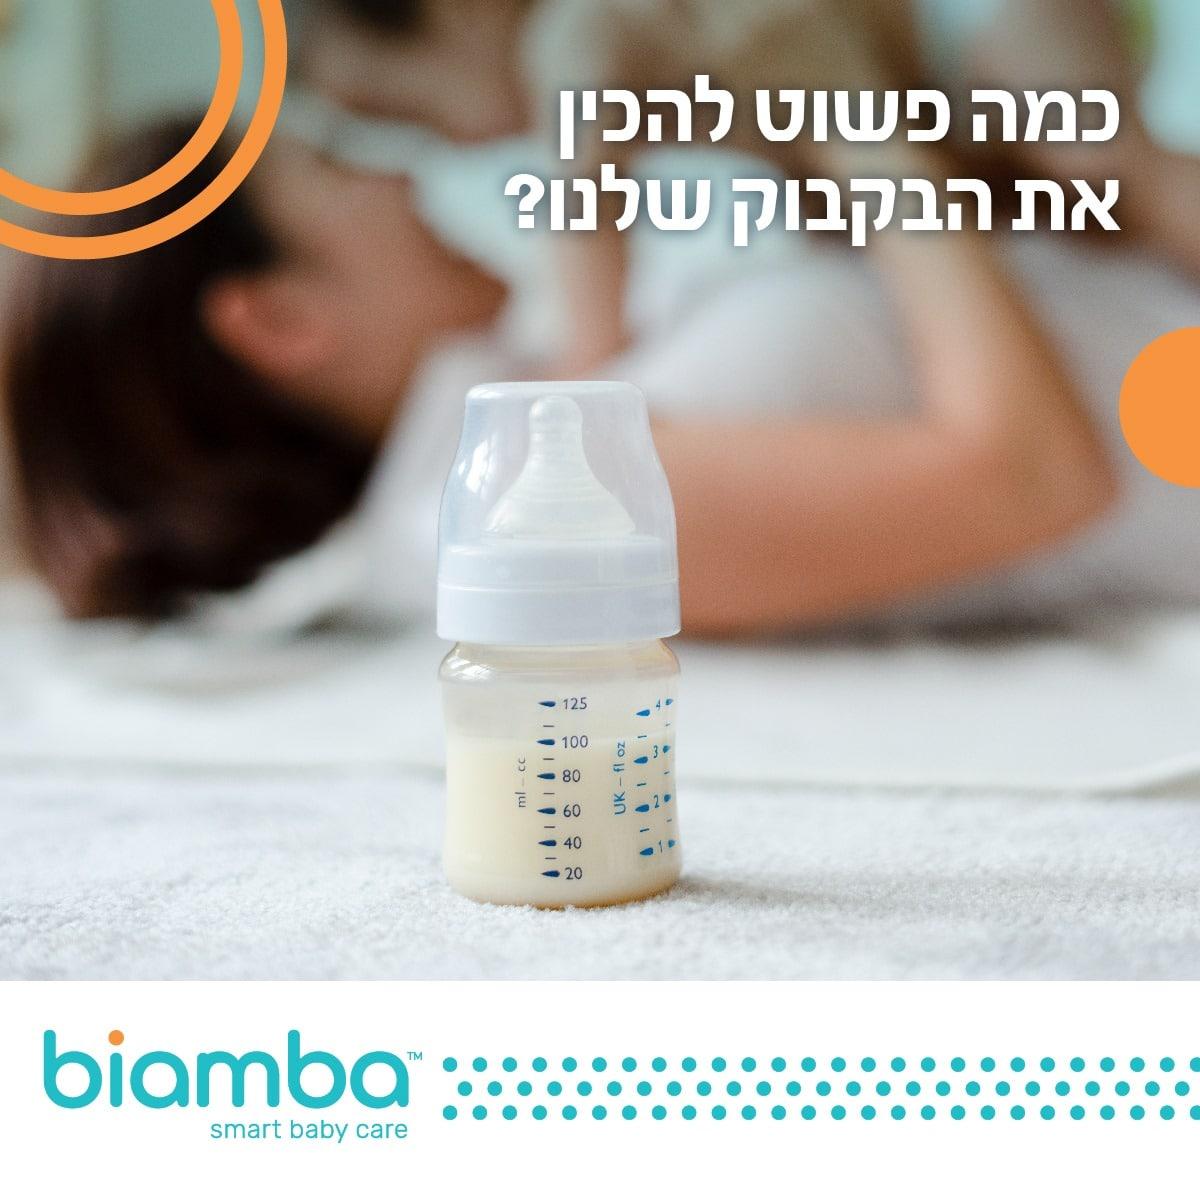 איך מכינים את הבקבוק המושלם לתינוק?